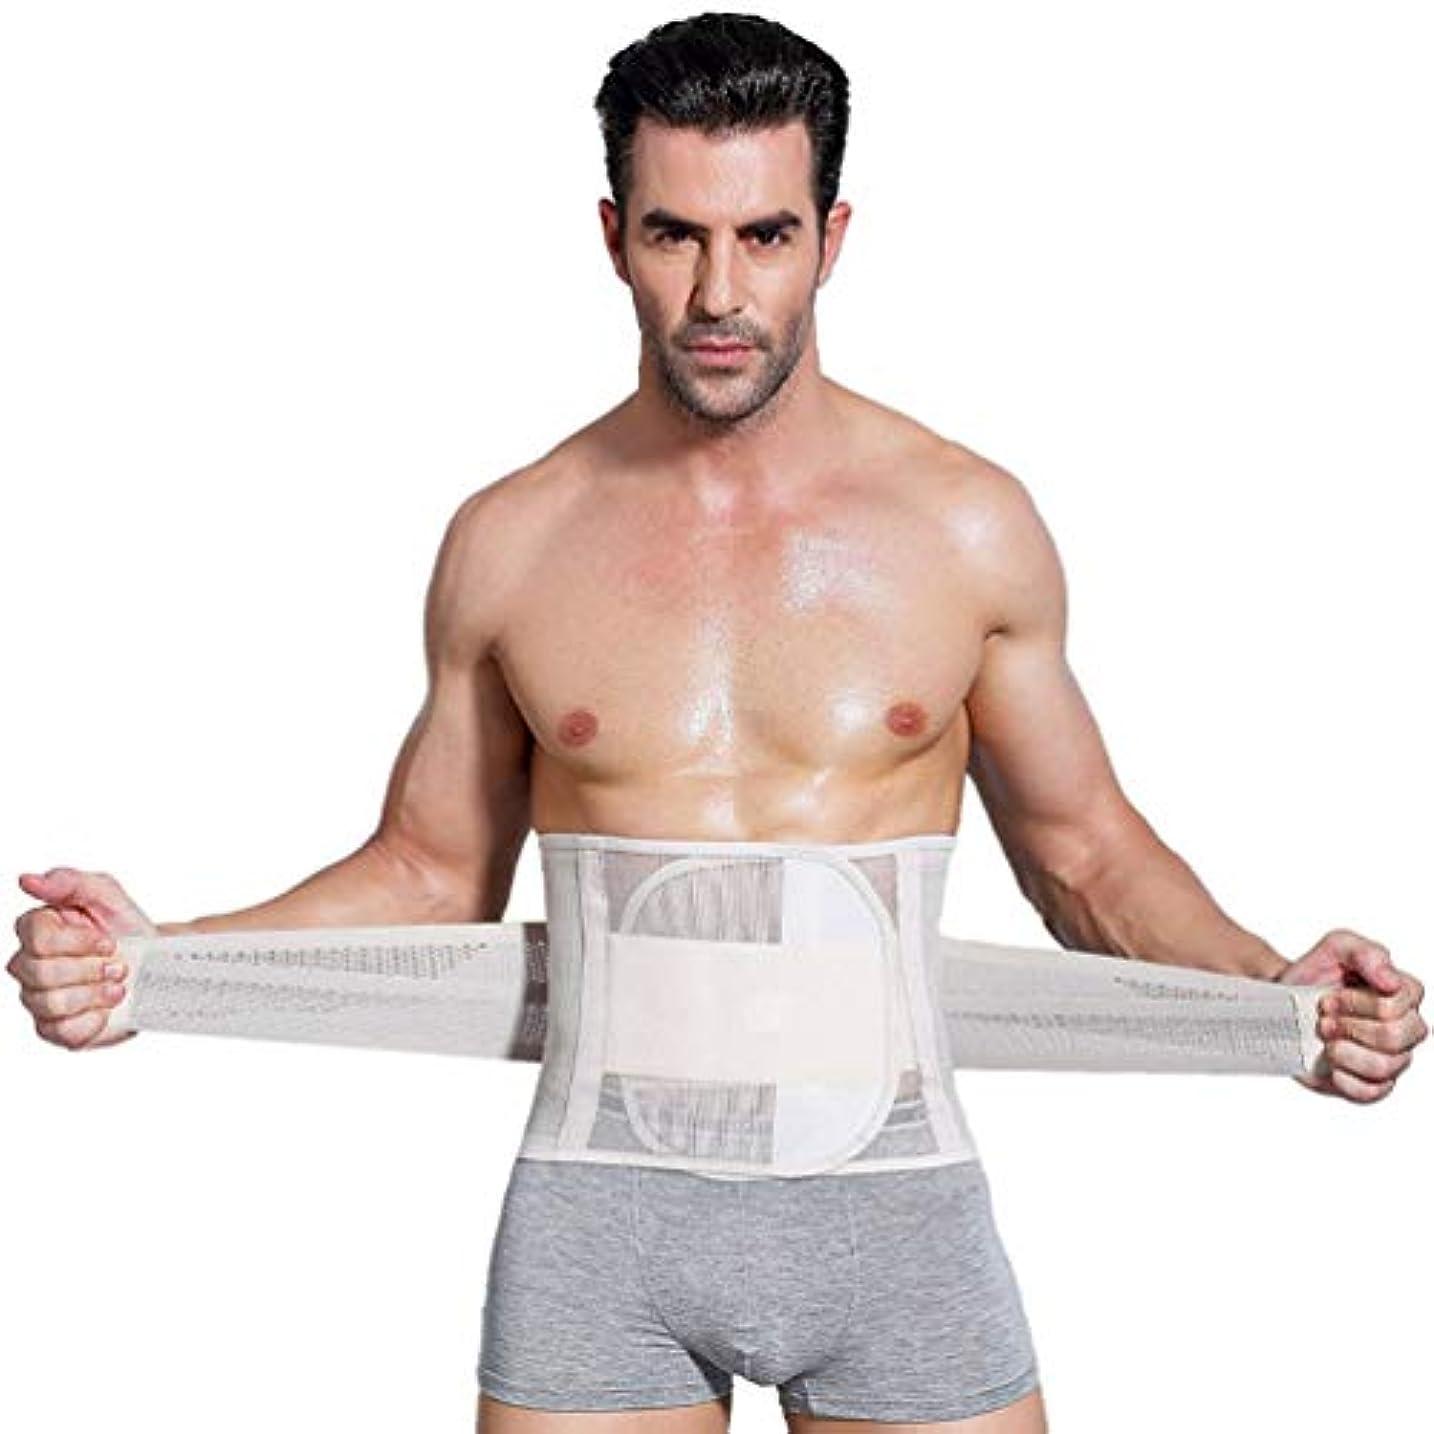 病的ベルベット億男性ボディシェイパーコルセット腹部おなかコントロールウエストトレーナーニッパー脂肪燃焼ガードル痩身腹ベルト用男性 - 肌色XL